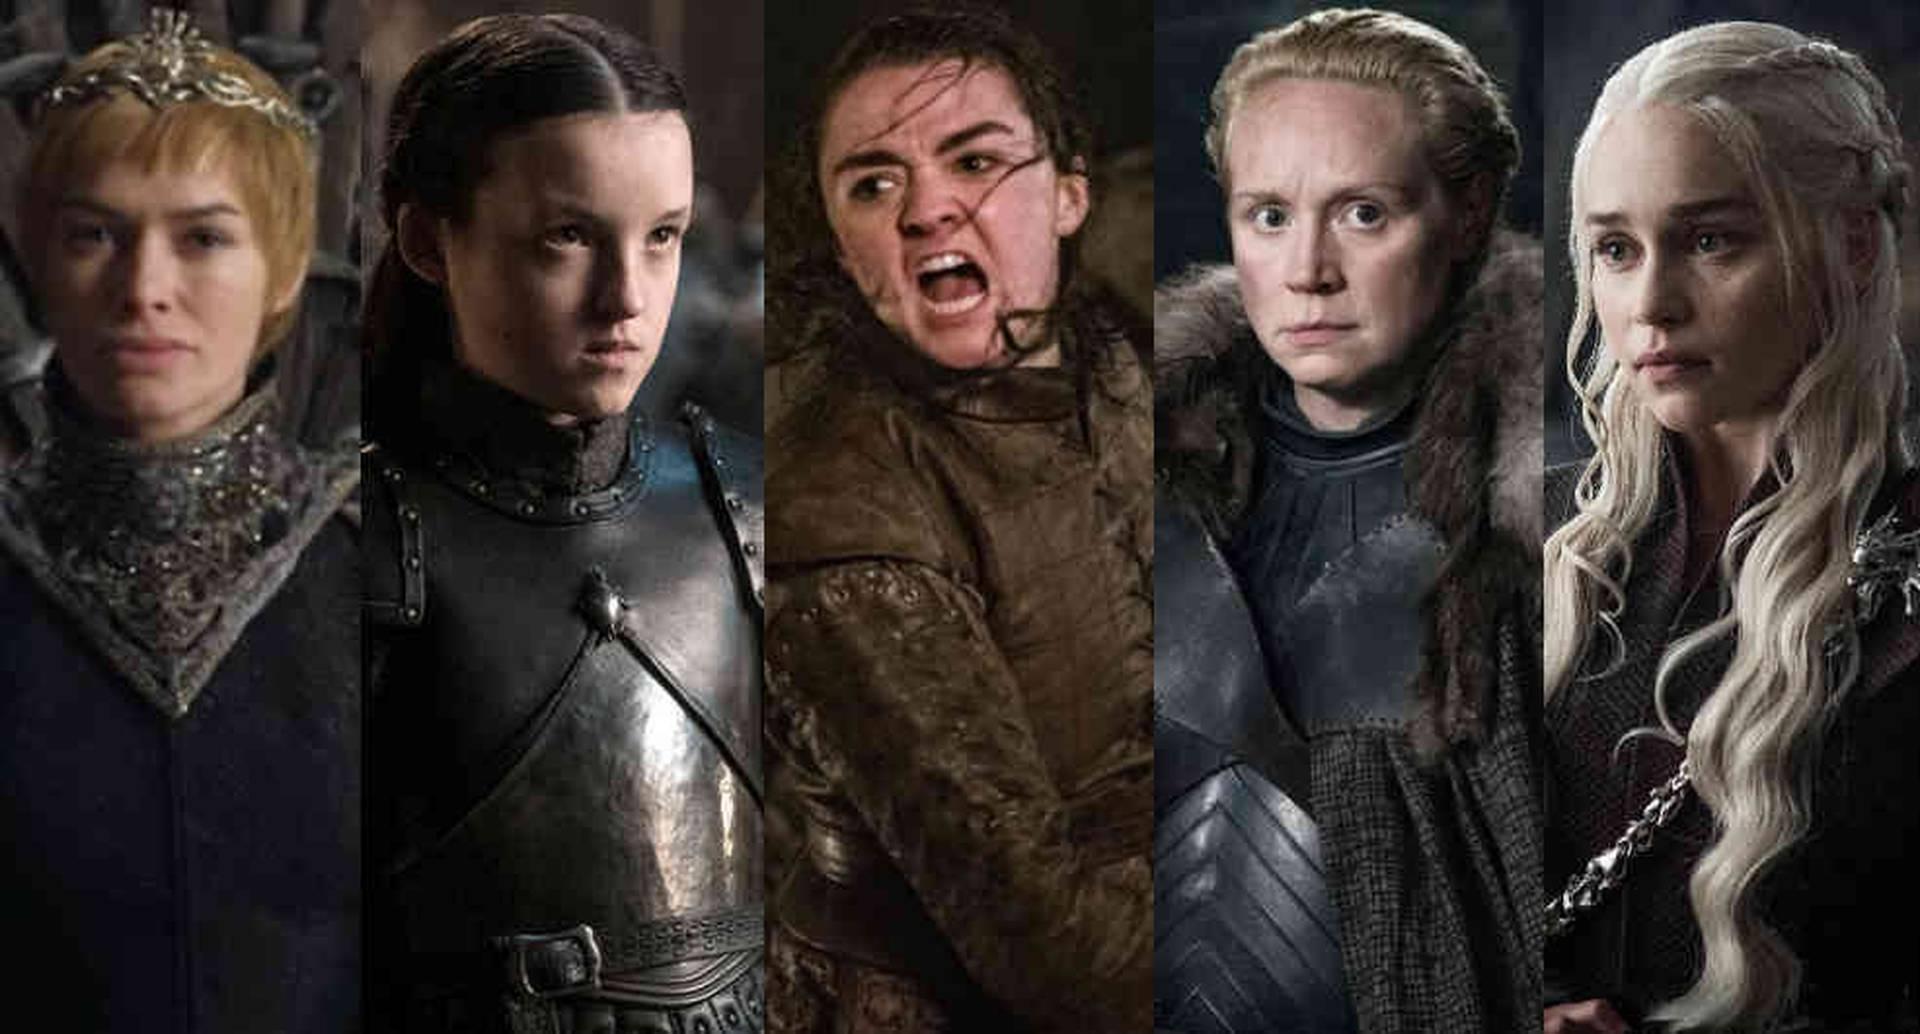 Casi todas las mujeres de Game of Thrones resultaron nominadas a los premios Emmy